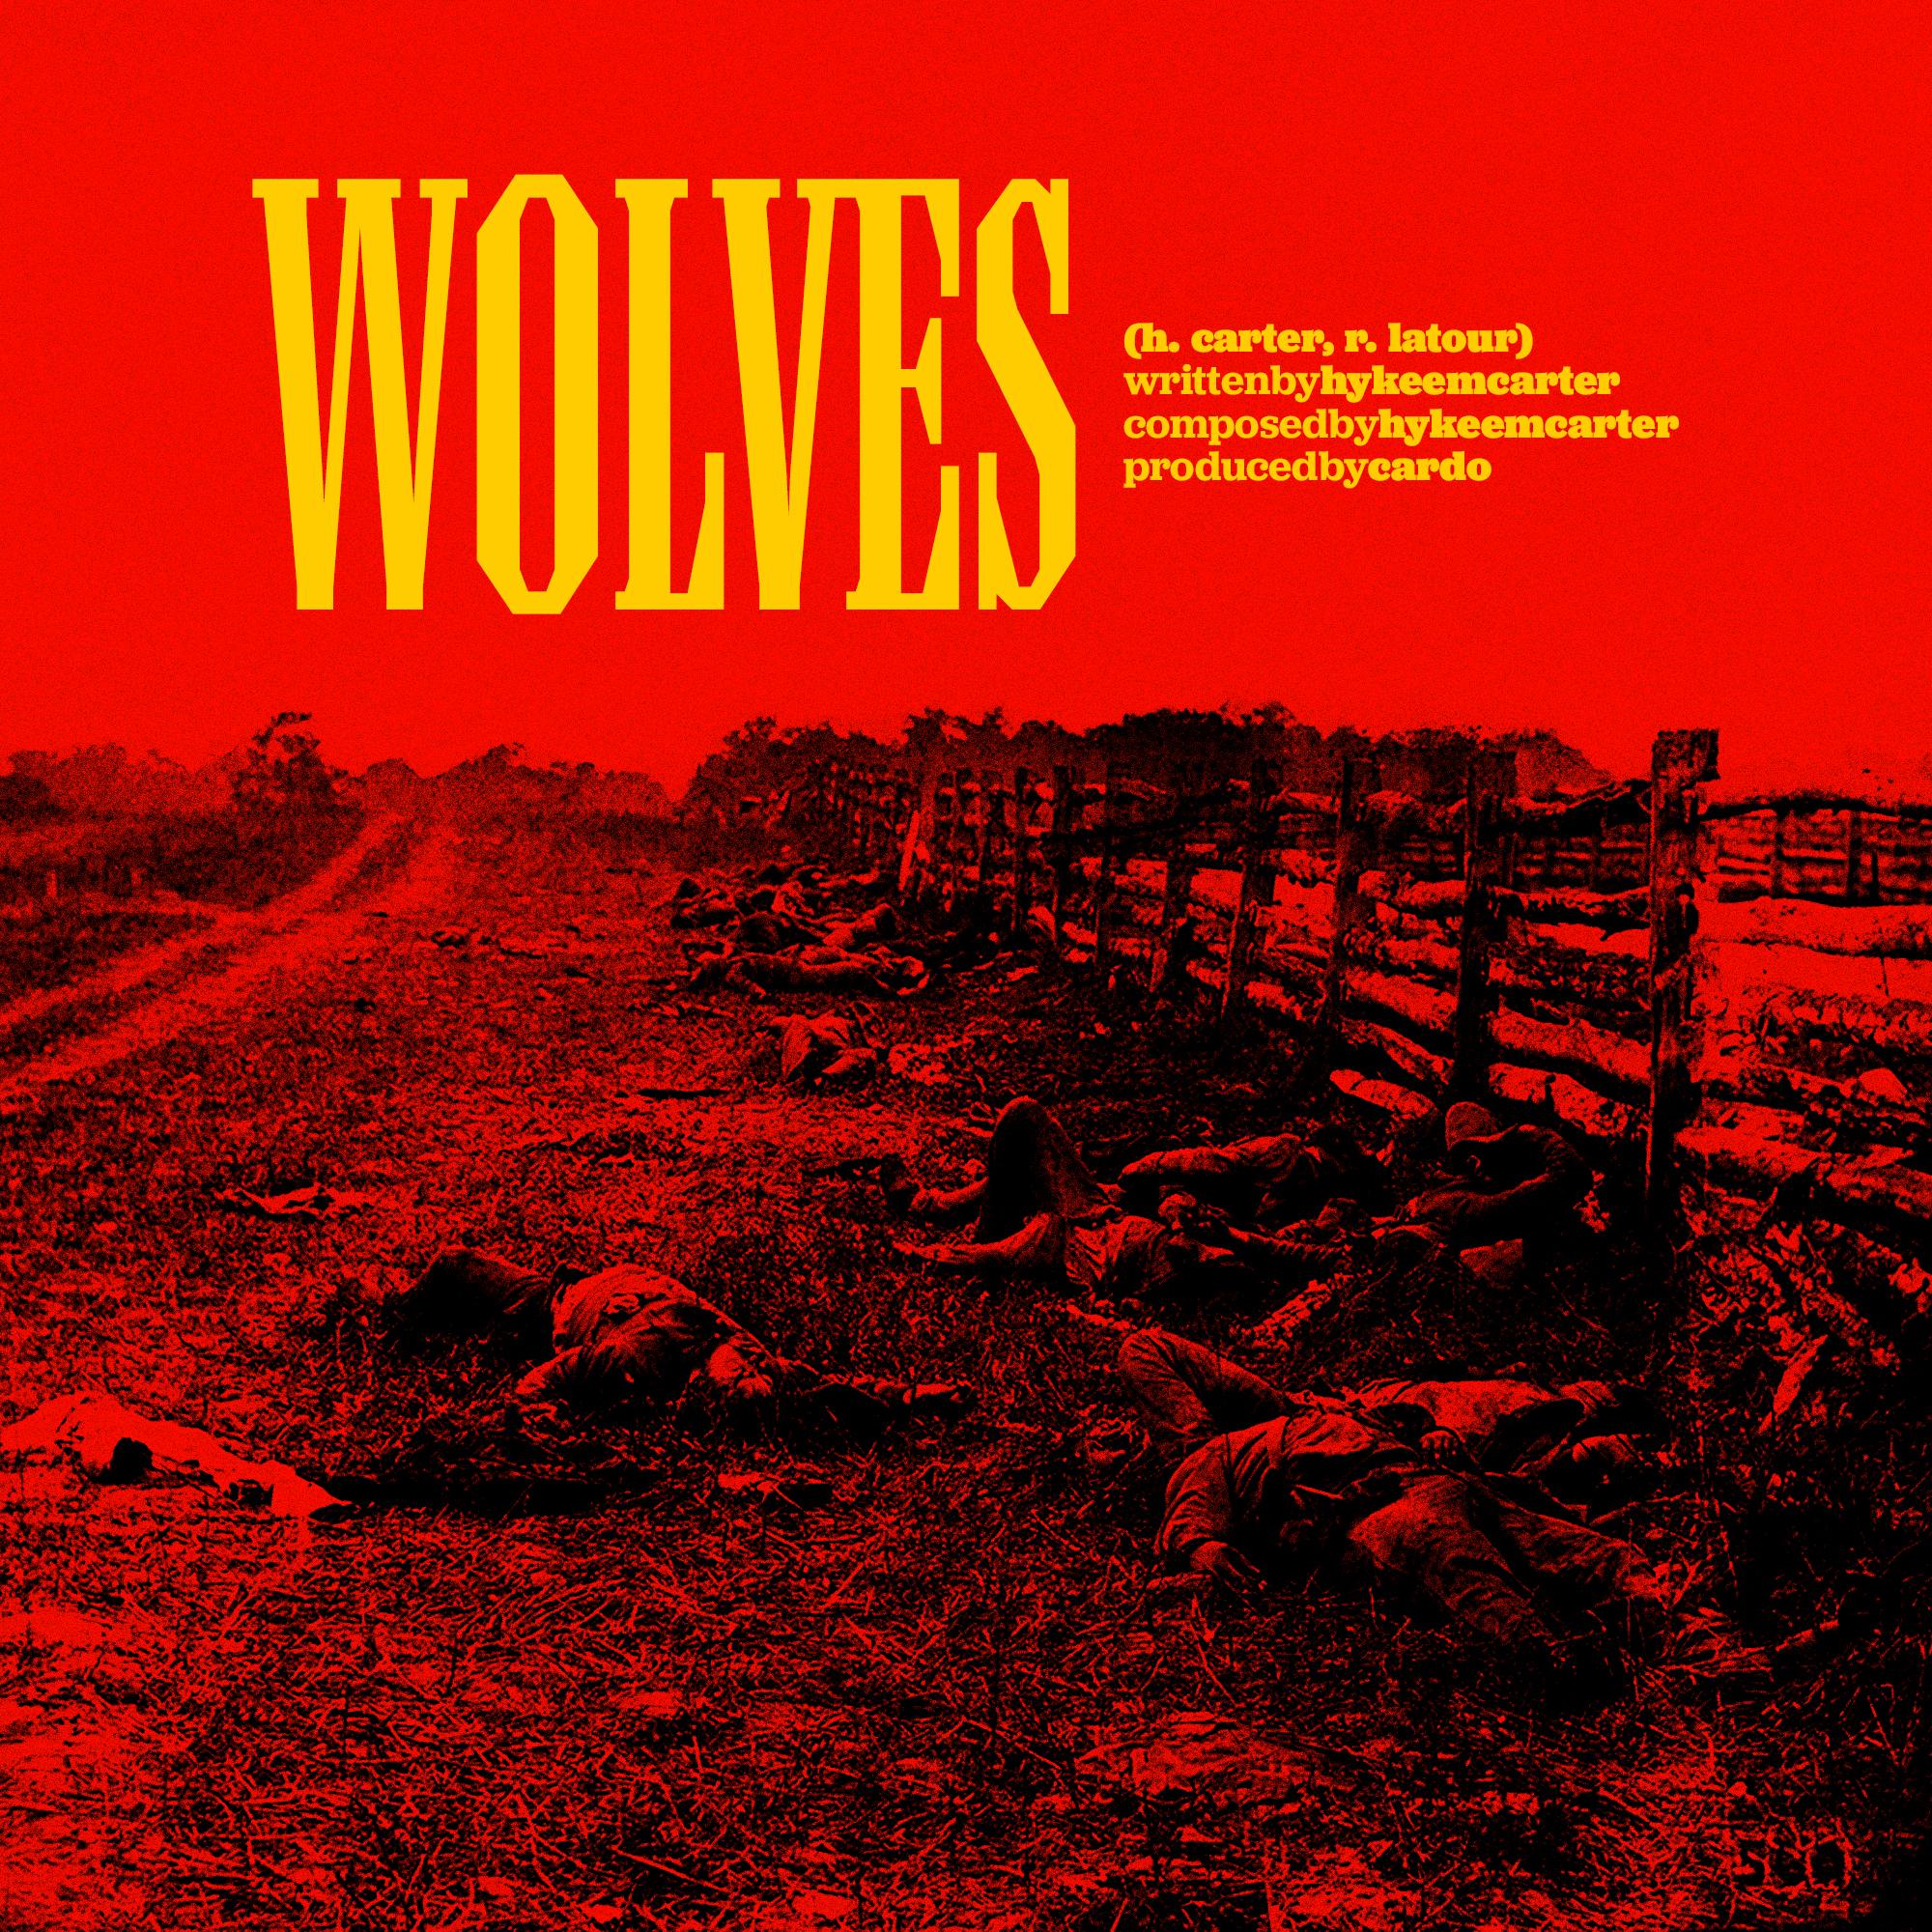 1.keem's wolves.jpg